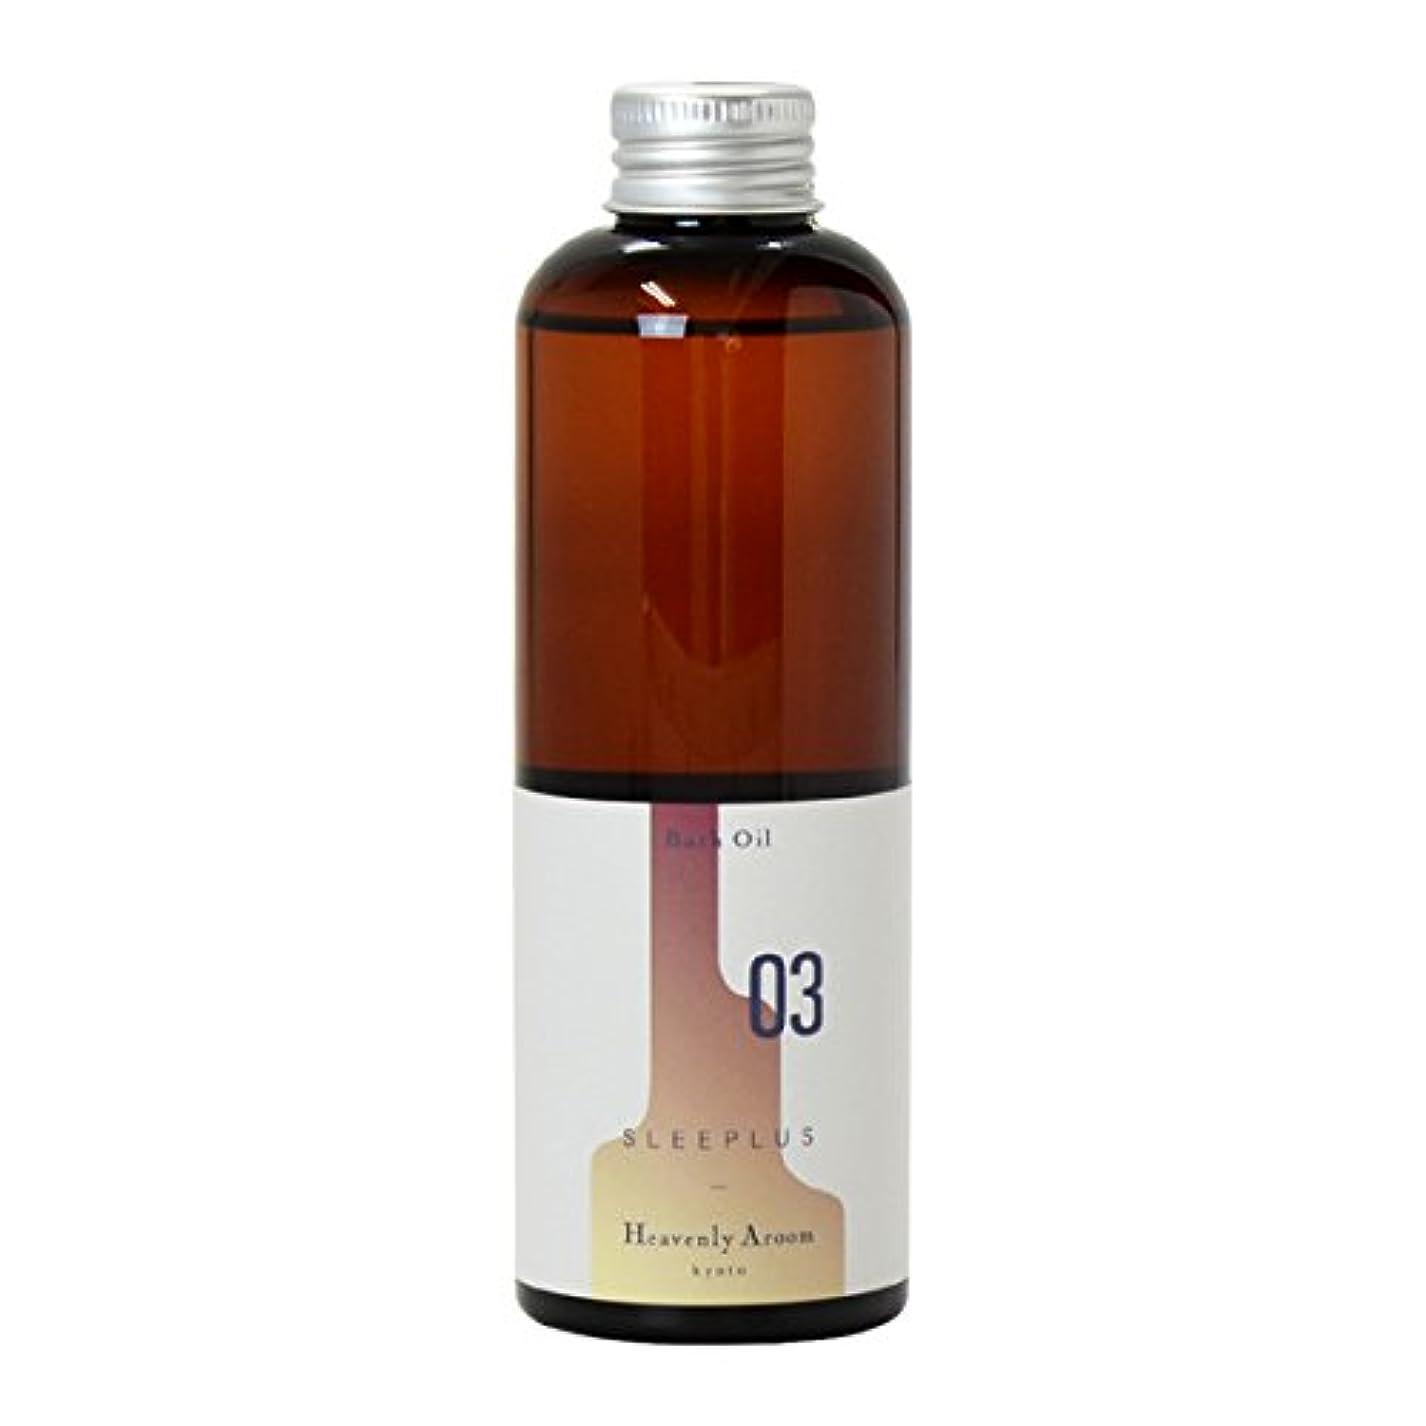 佐賀思春期コインHeavenly Aroom バスオイル SLEEPLUS 03 ラベンダーサンダルウッド 200ml